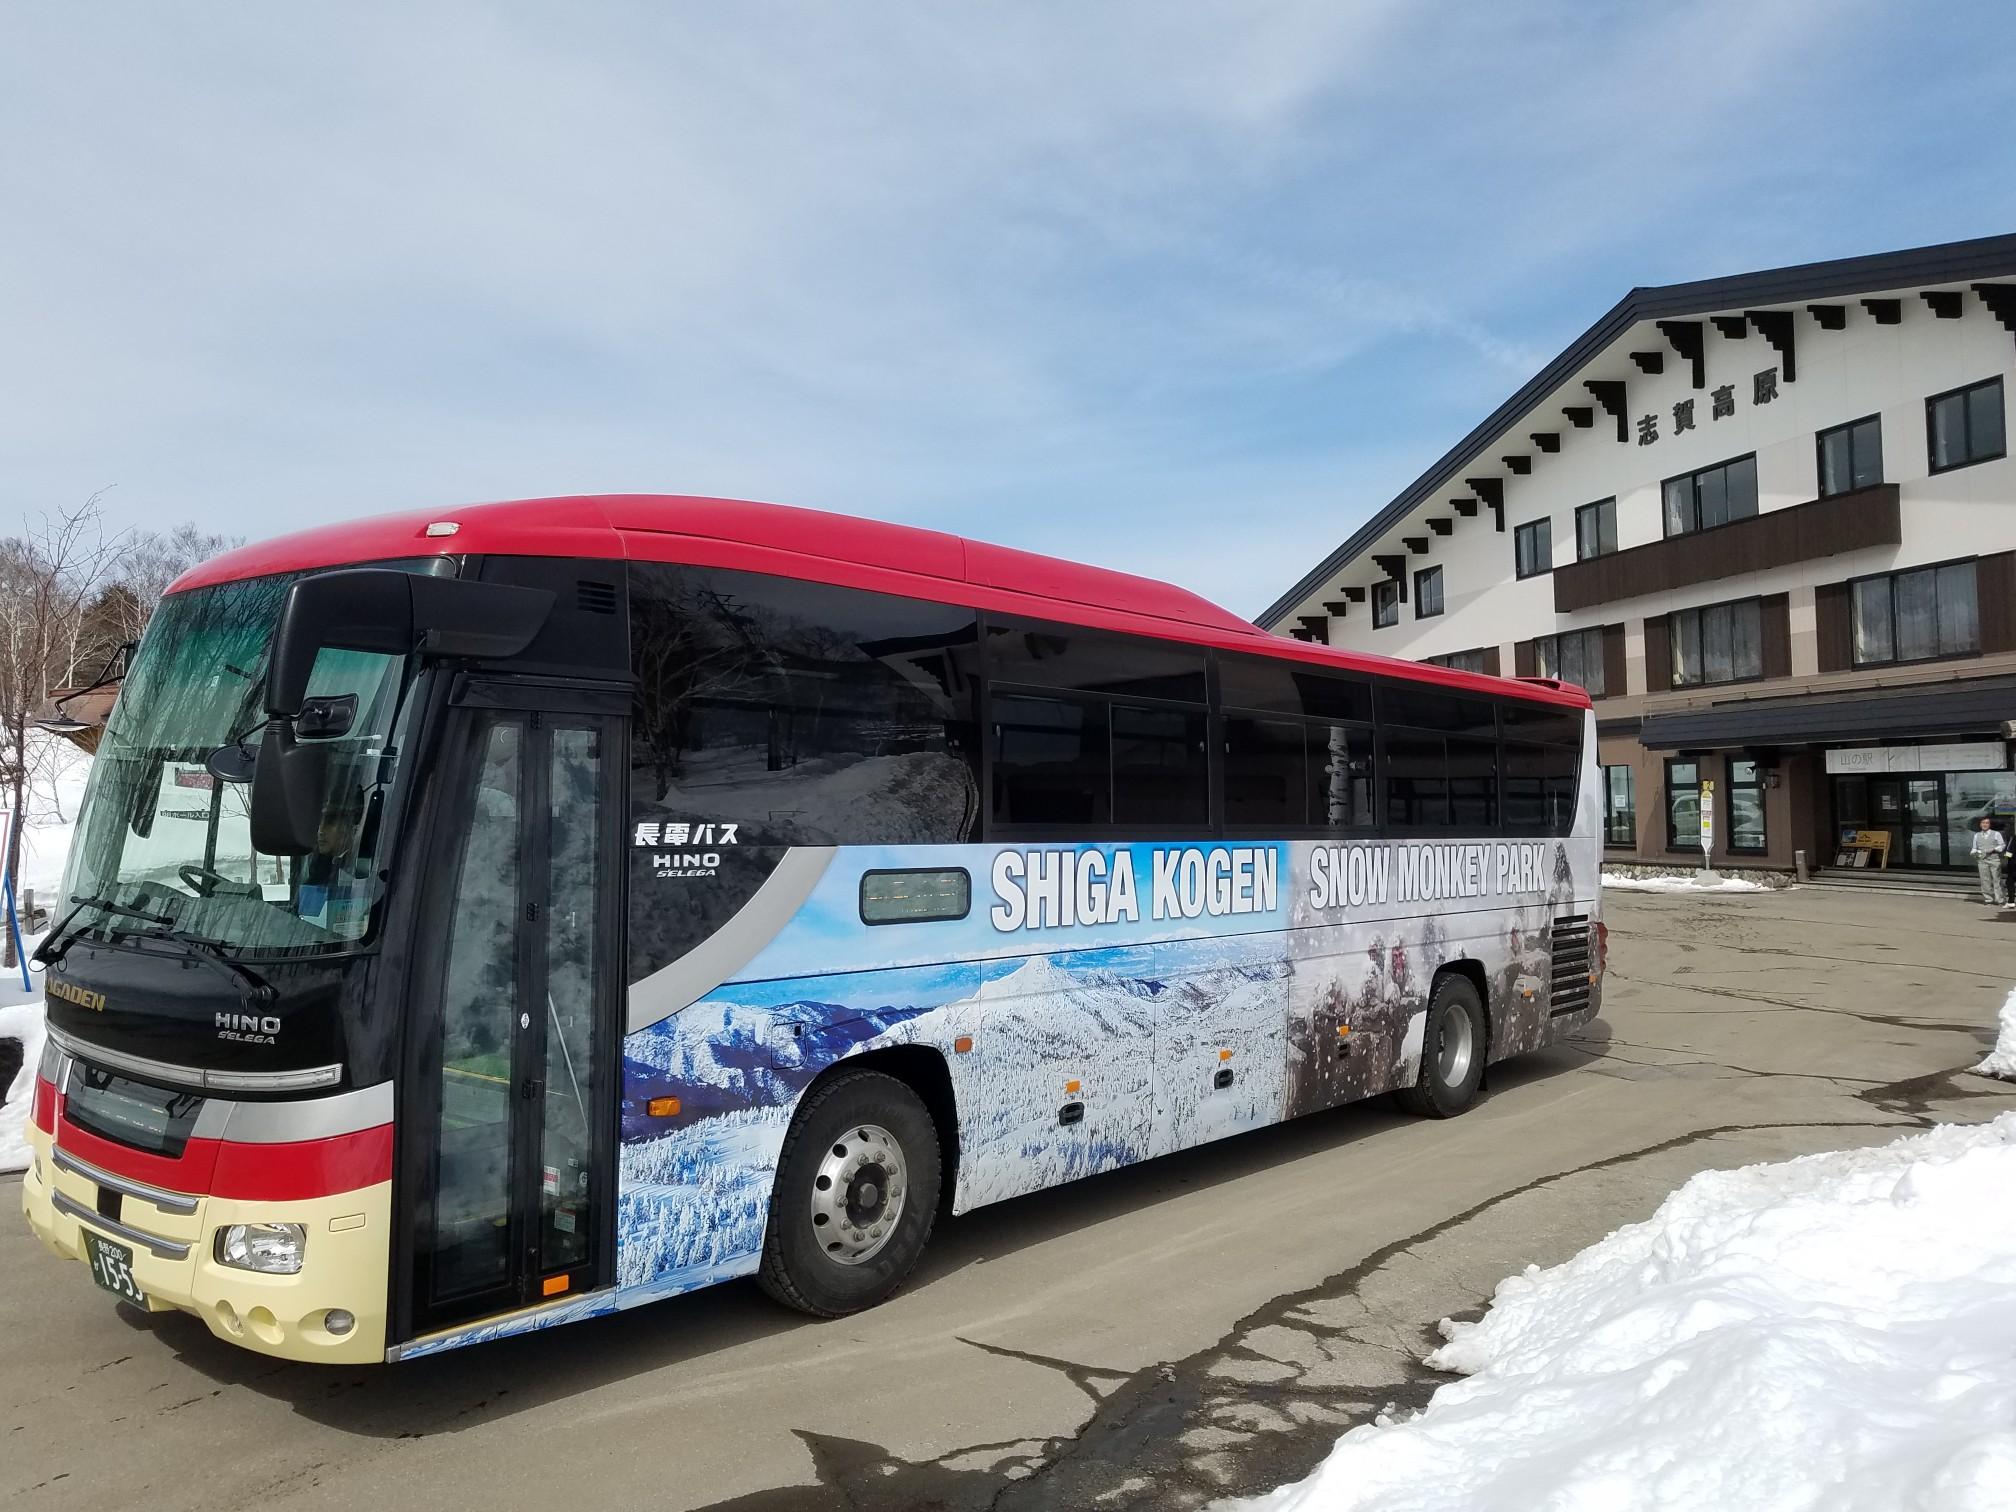 shiga-kogen-yamanoeki-bus